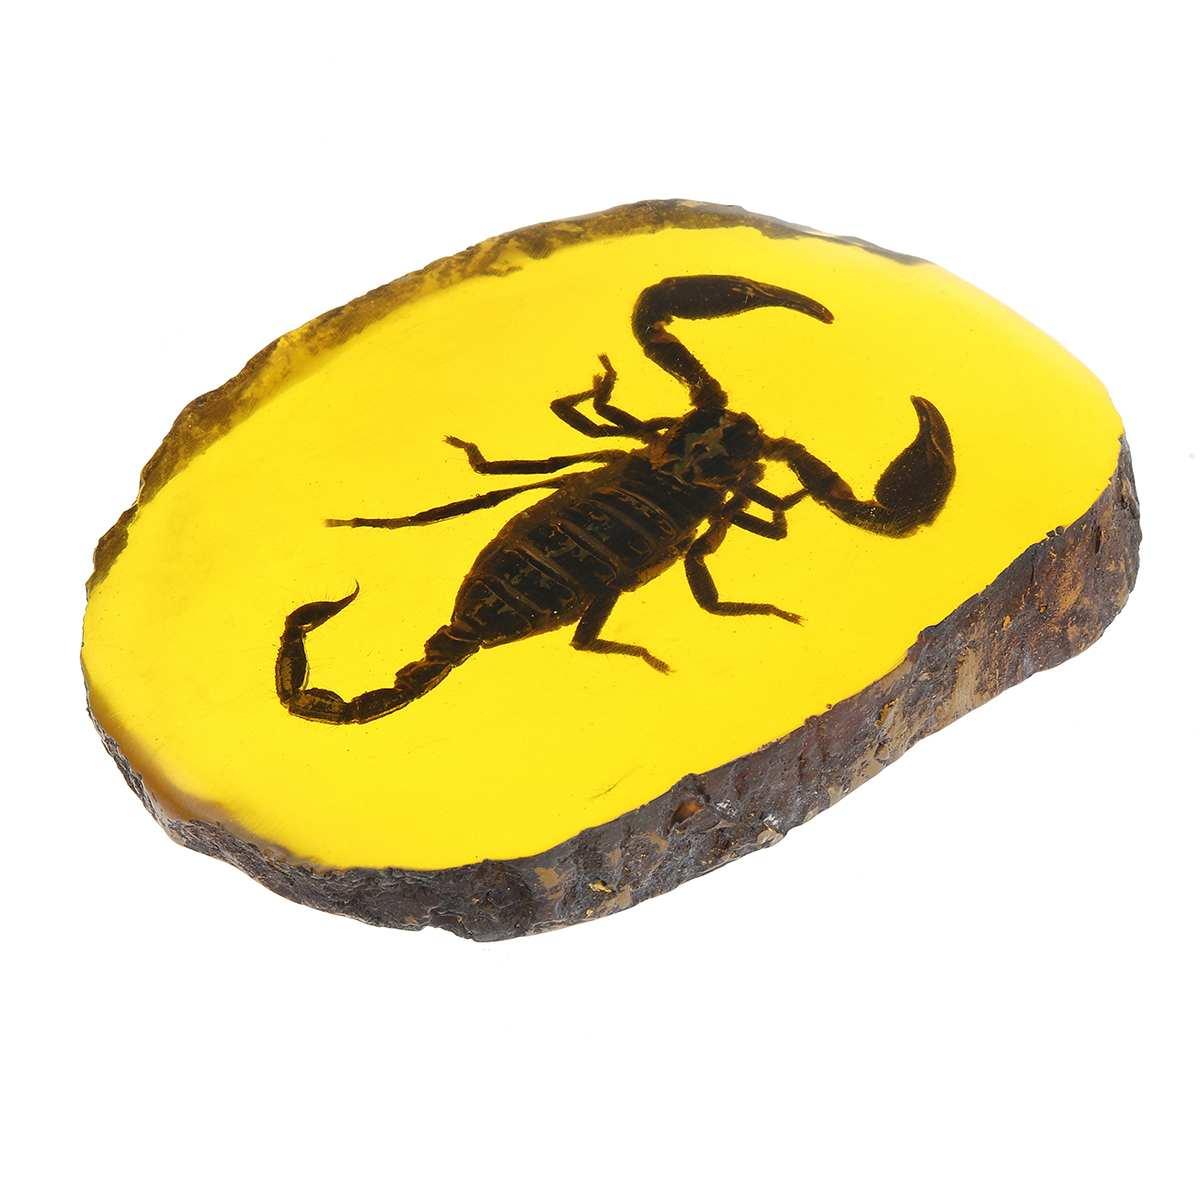 Натуральный Янтарный Стрекоза Скорпион бабочка геккон насекомое ручной полировки украшения DIY Орнамент Ремесло подарок для дома